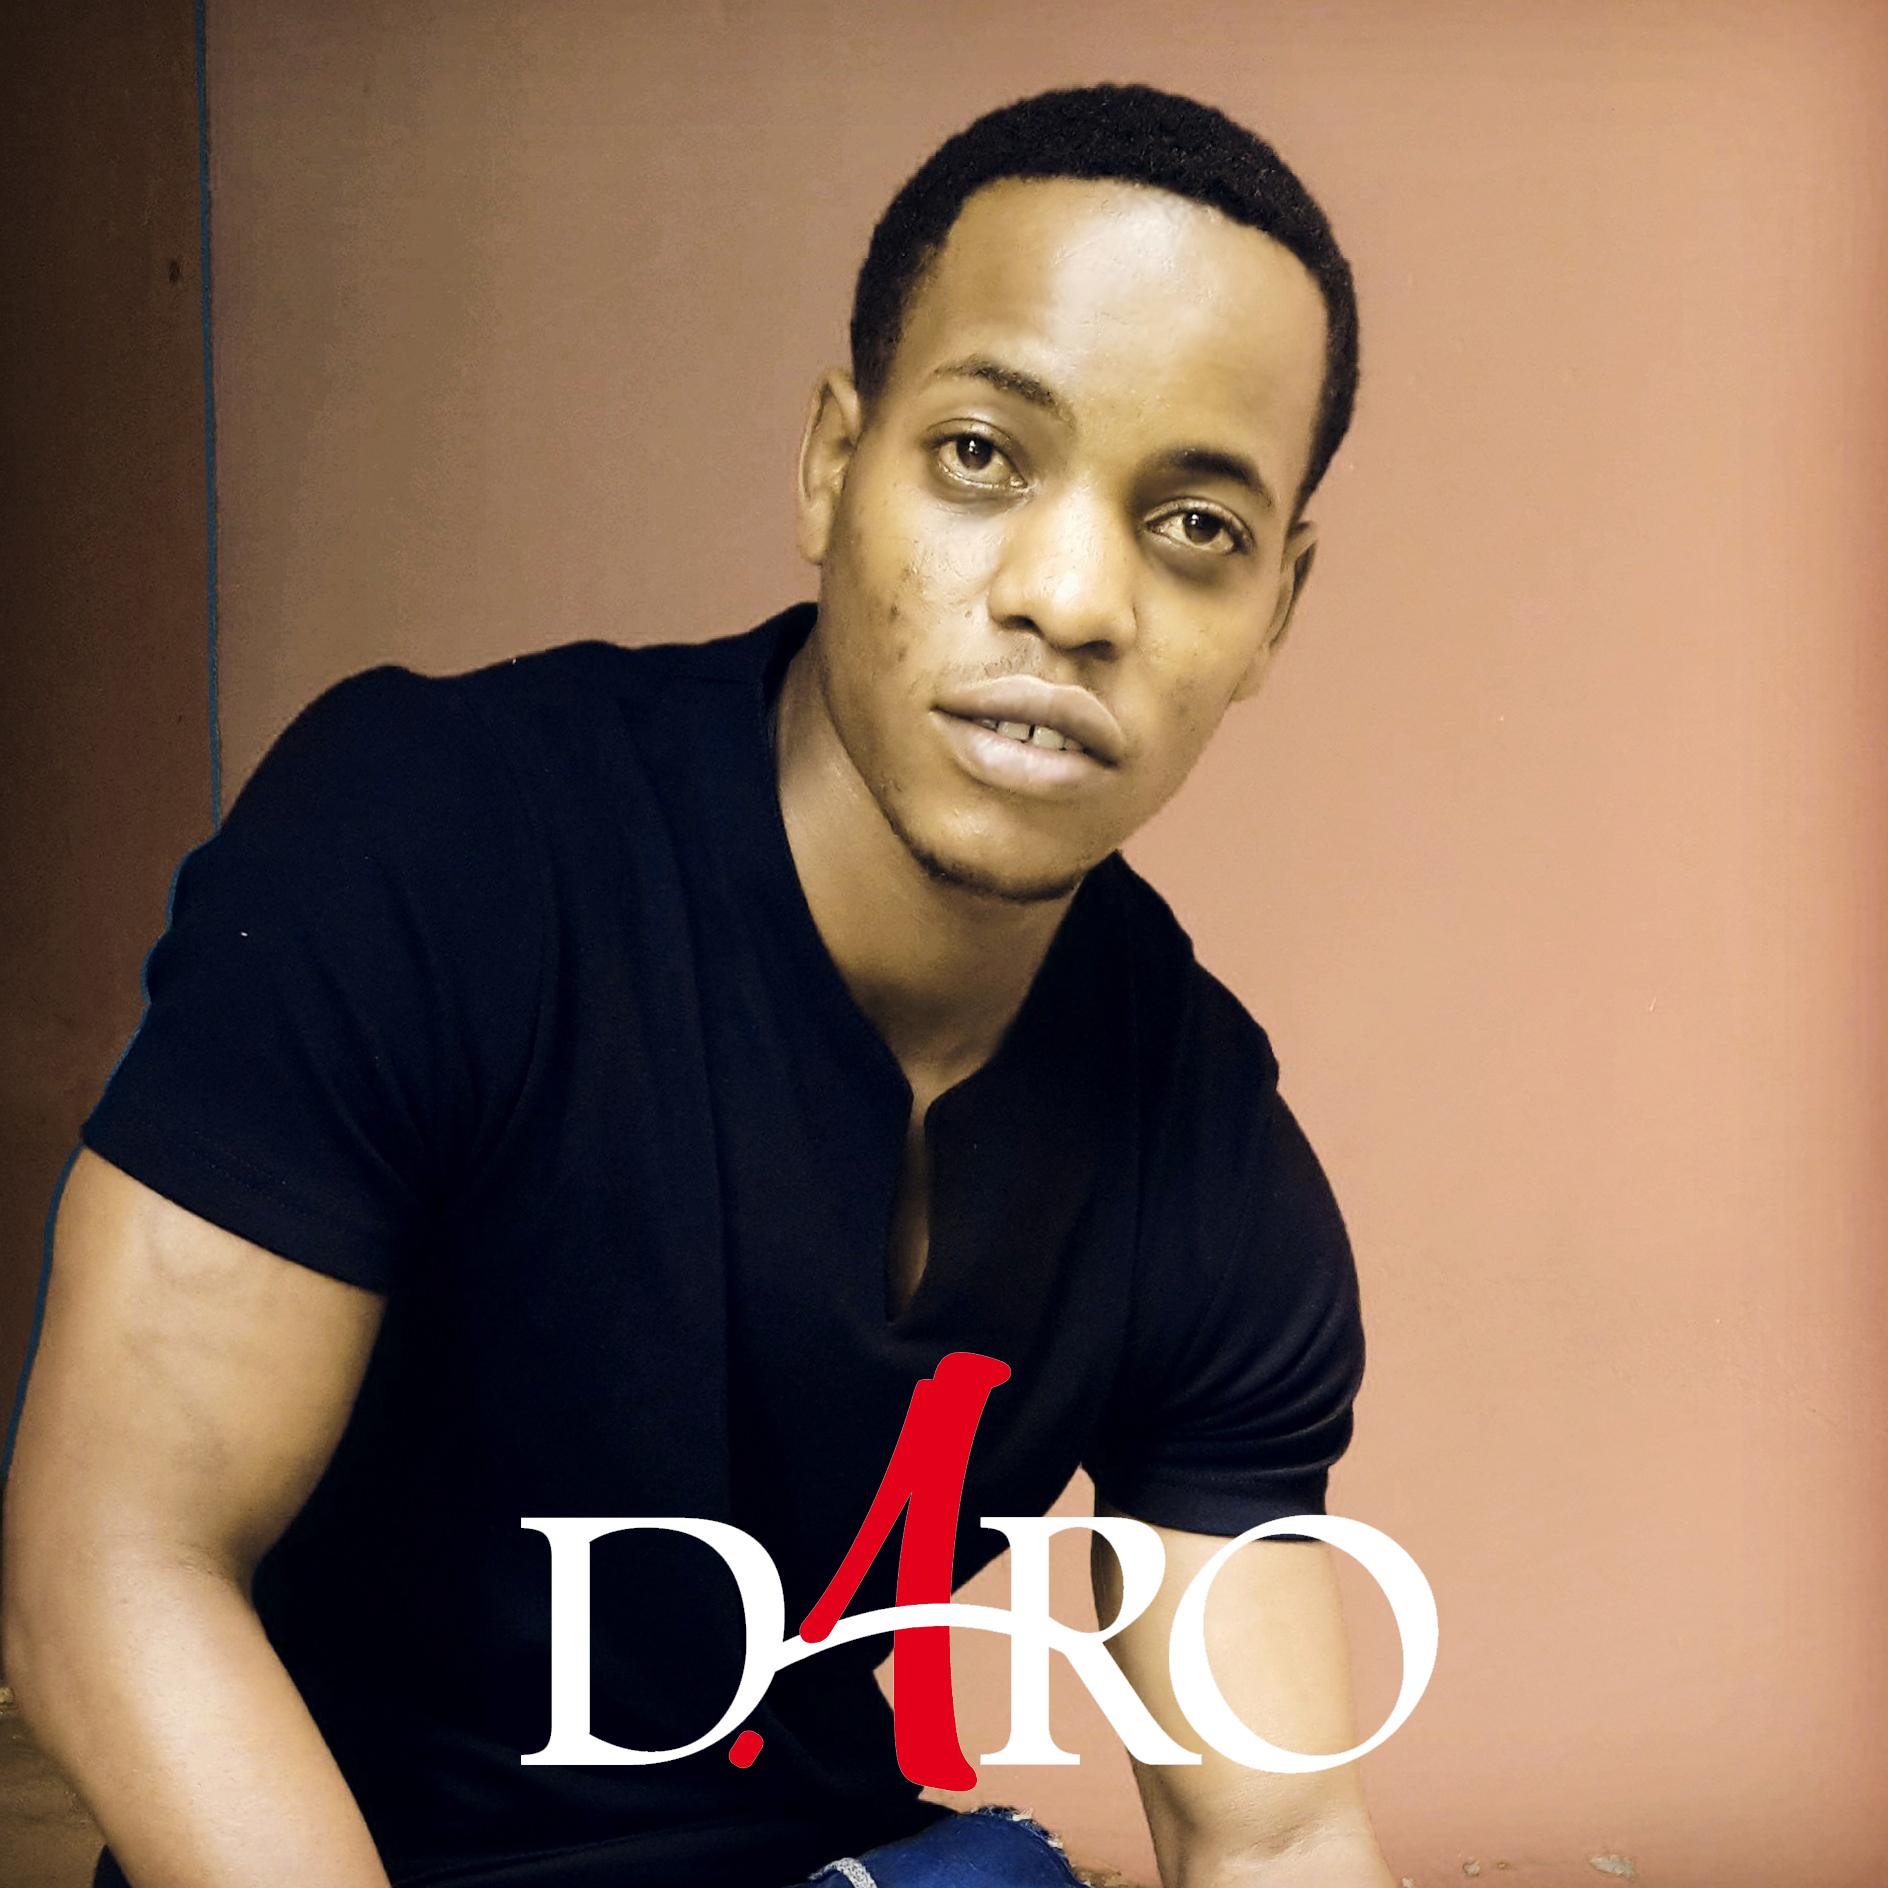 Daro Music - Ben_Jah  ft Em_One_______Thanks -Loard